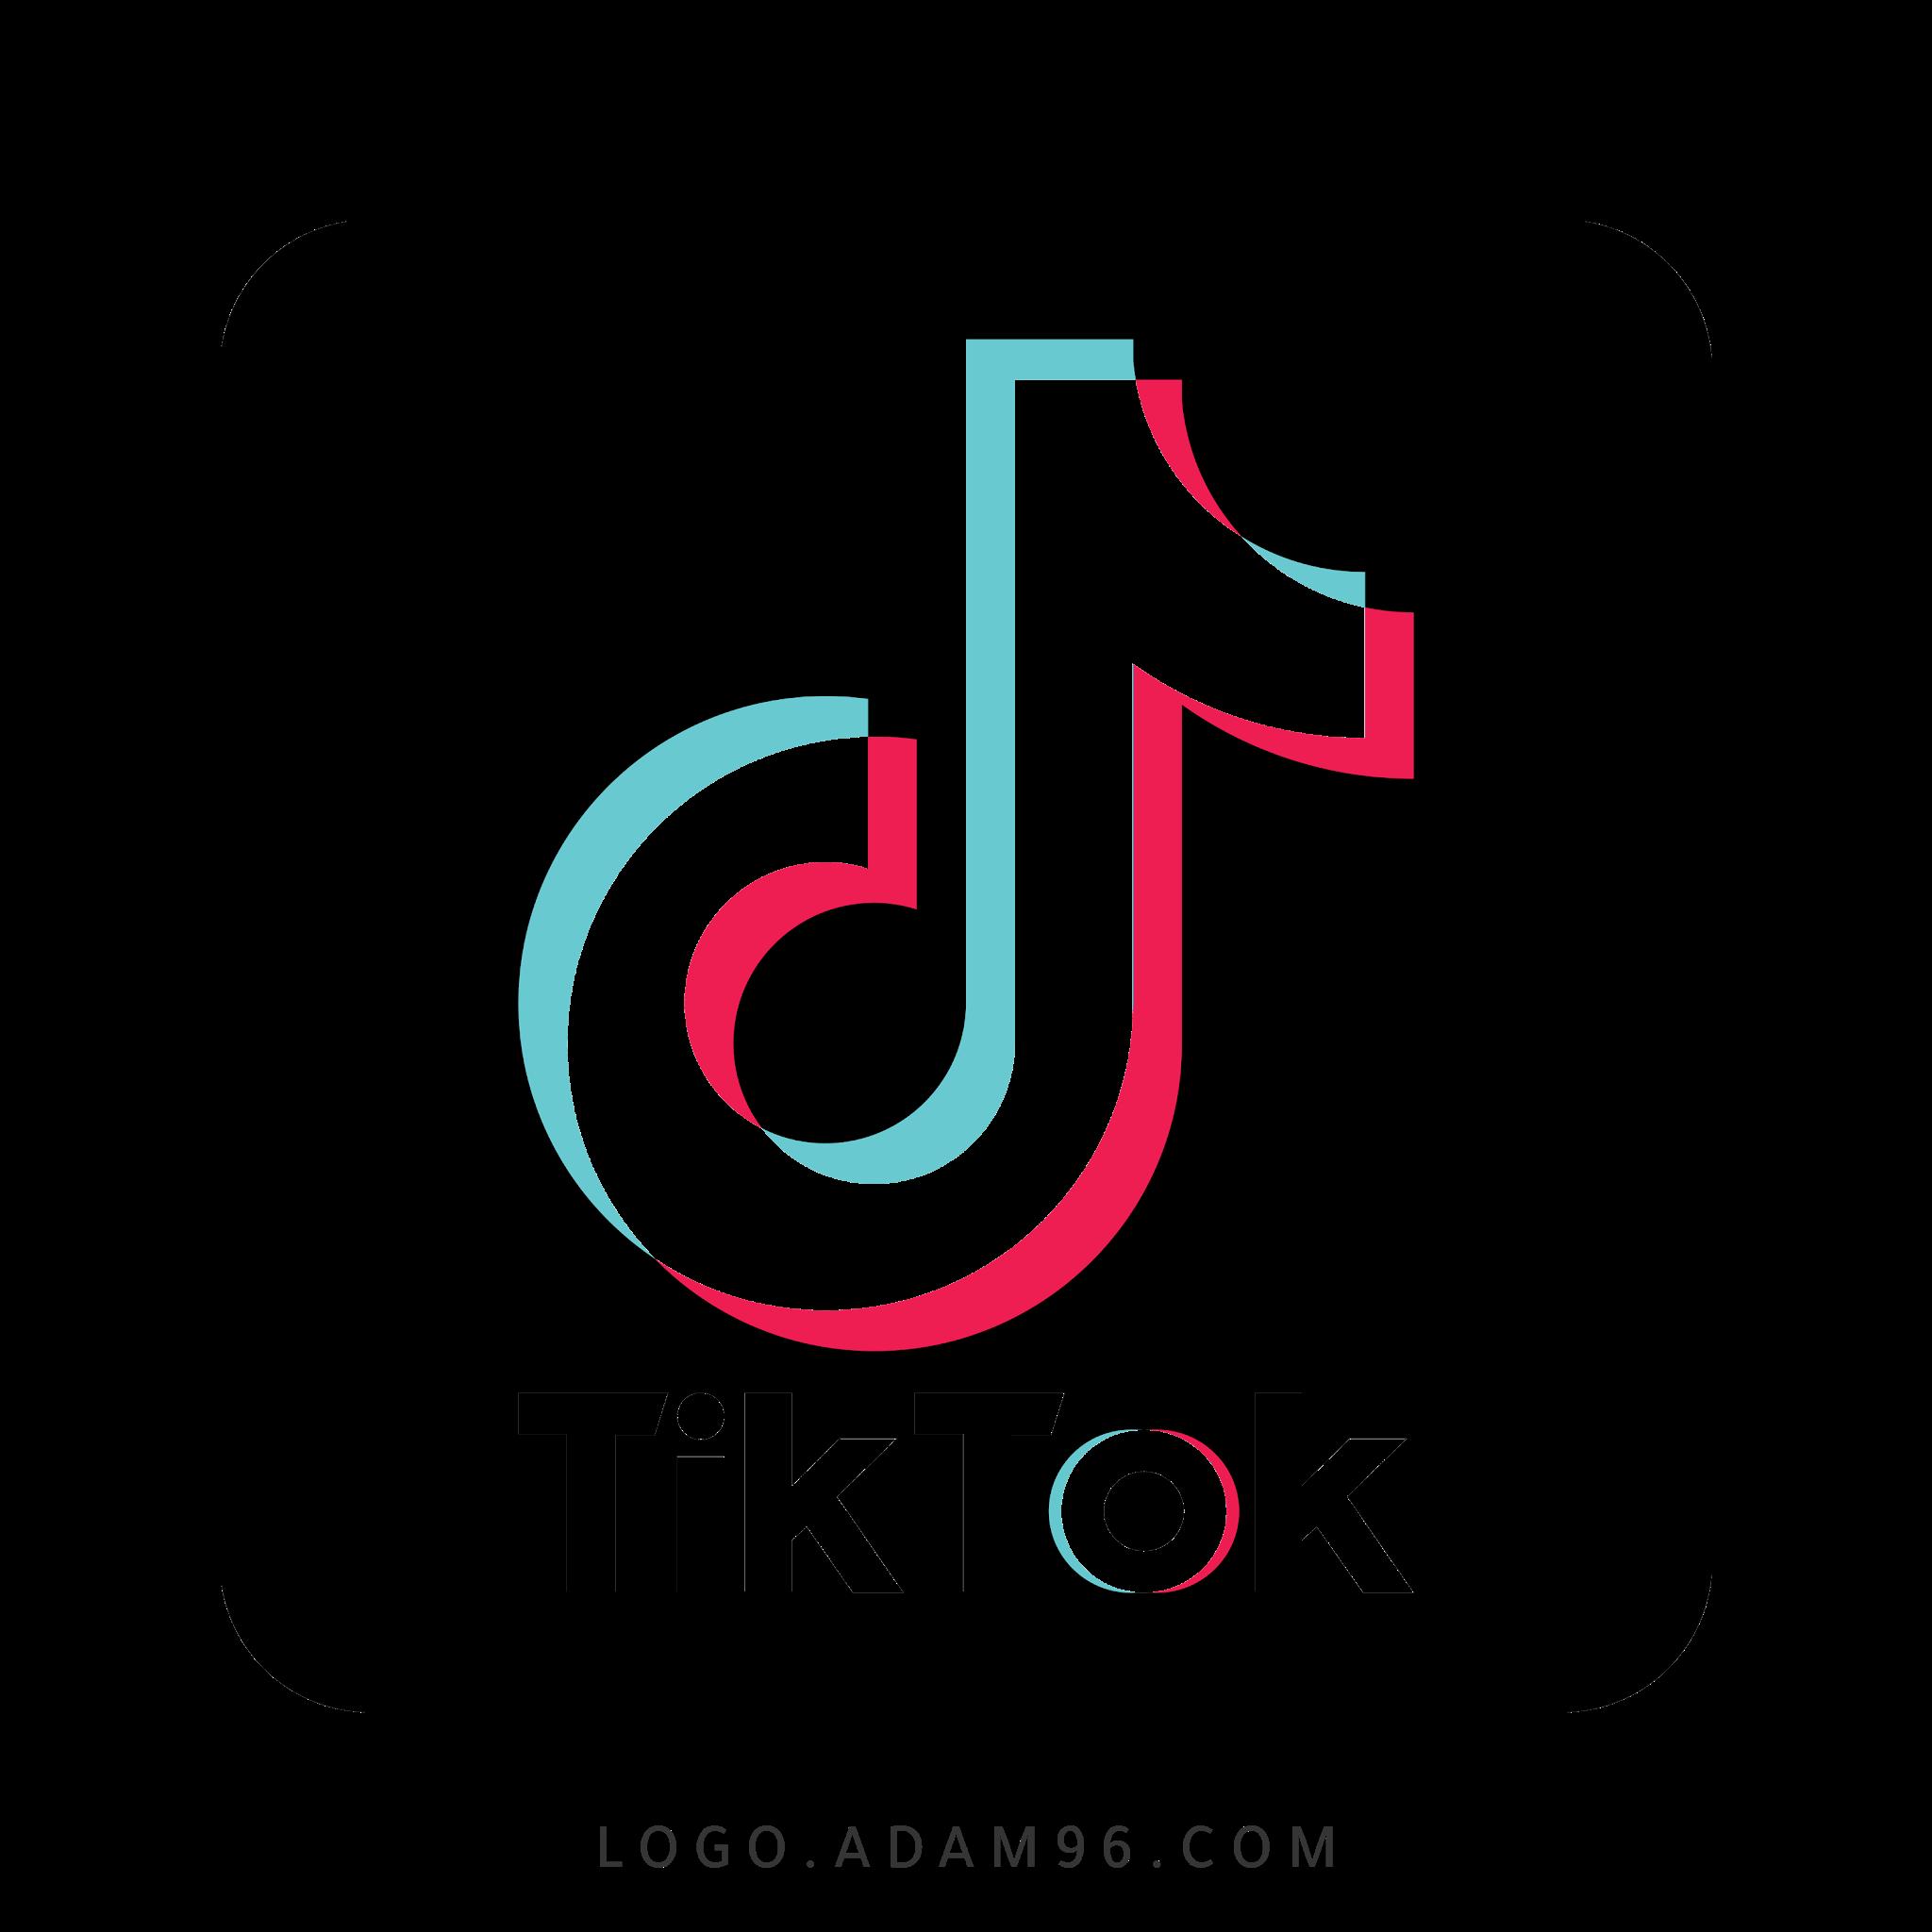 تحميل شعار تيك توك لوجو رسمي عالي الجودة بدون خلفية Logo TikTok PNG